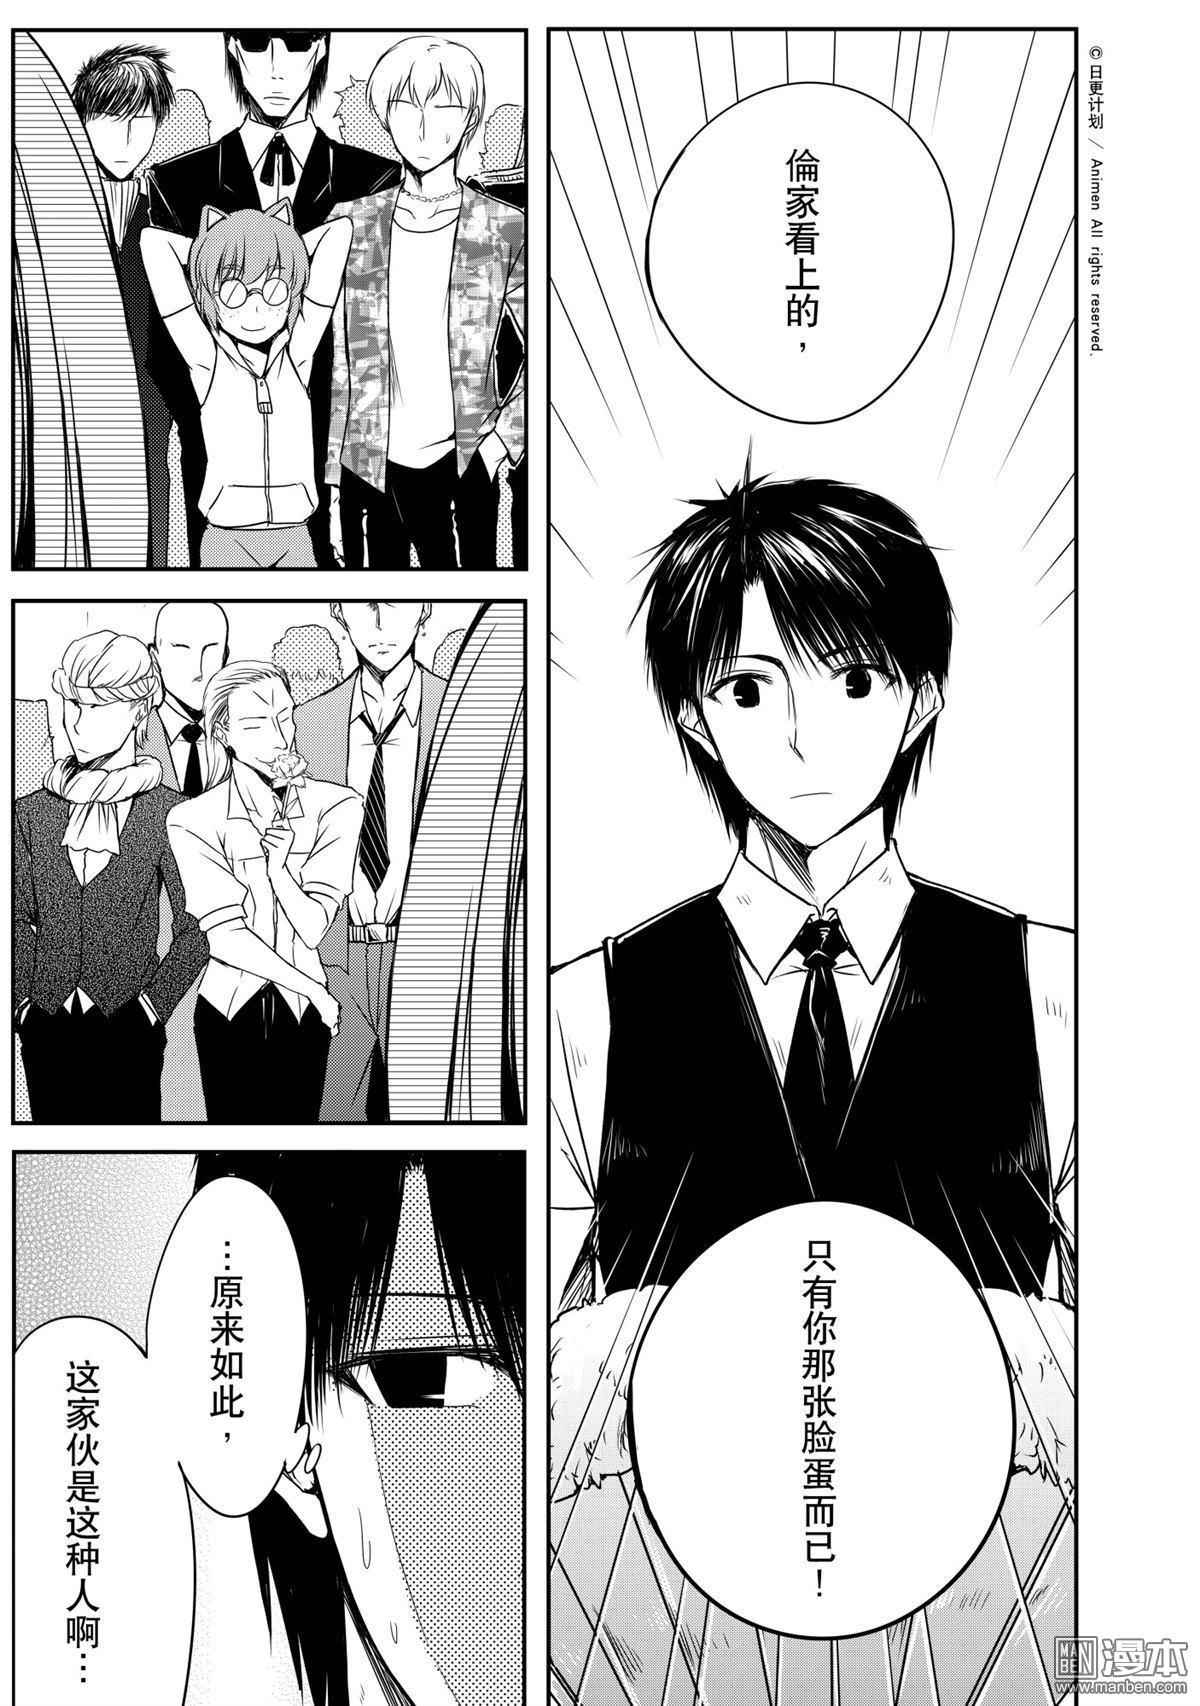 天梯勸降學園漫畫第32回 C(第1頁)劇情-二次元動漫